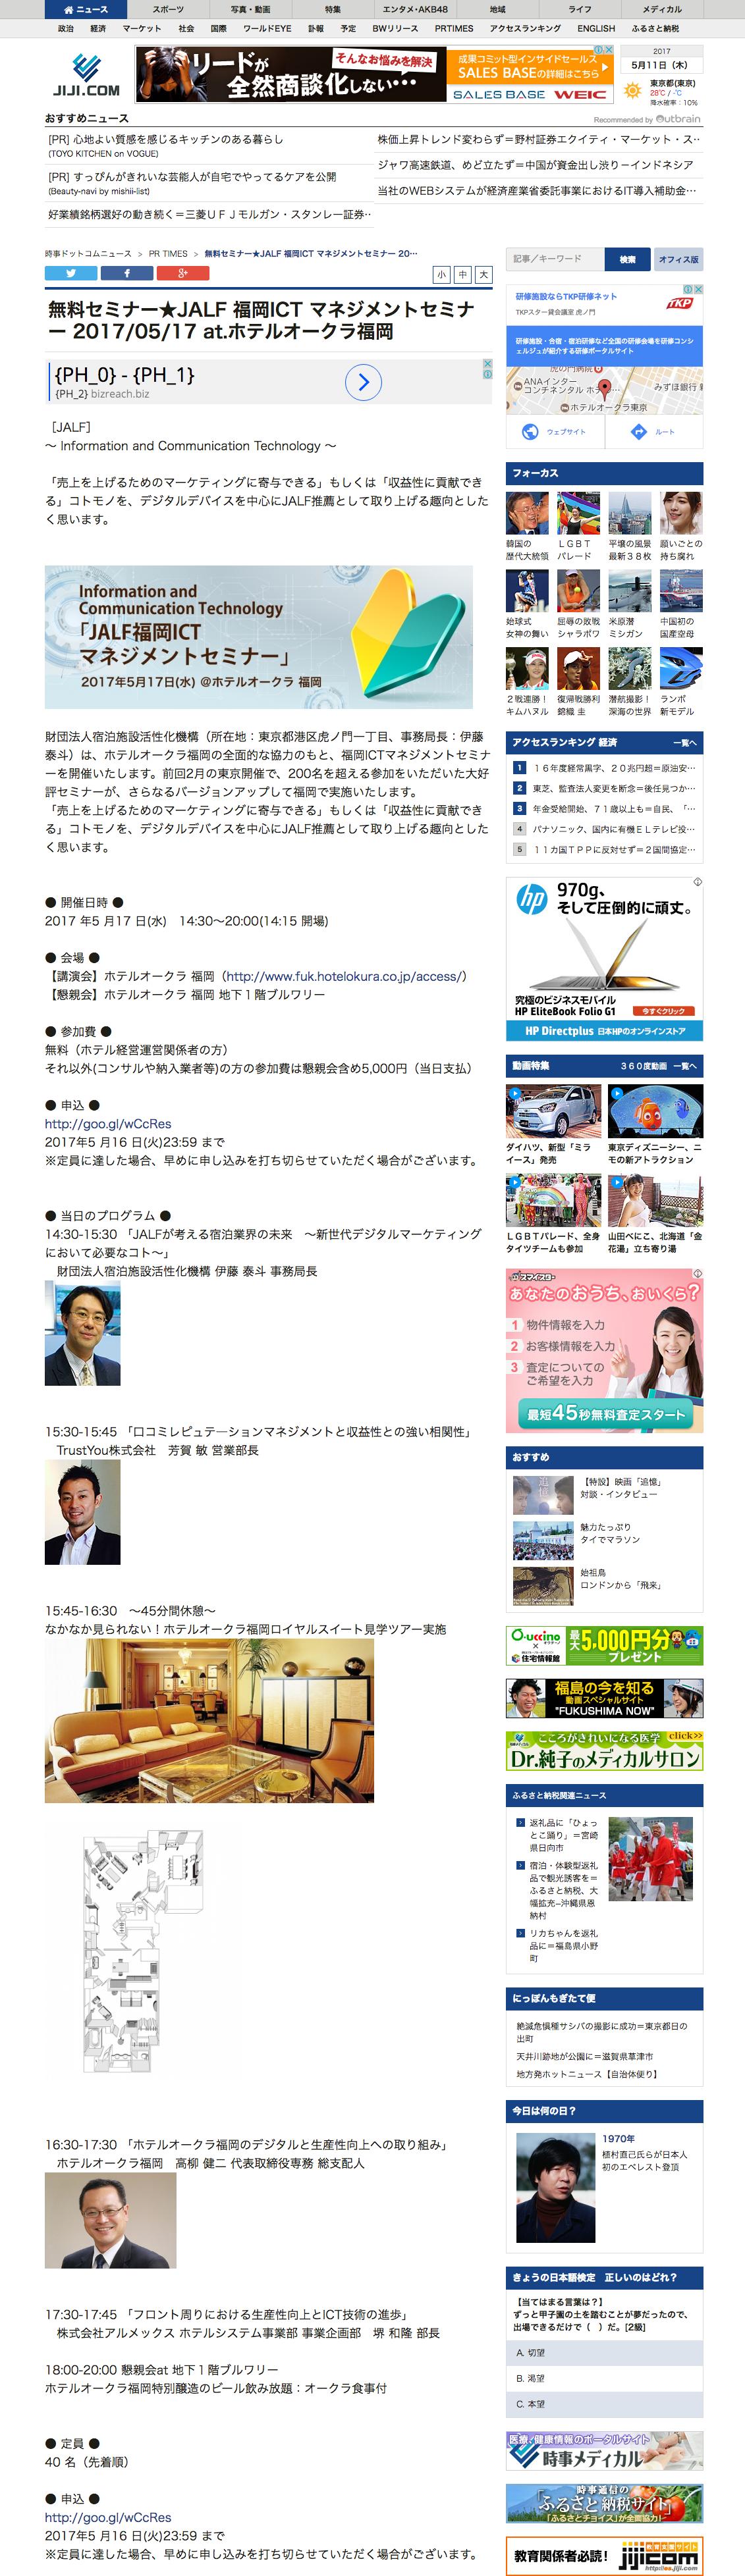 20170508 時事ドットコム